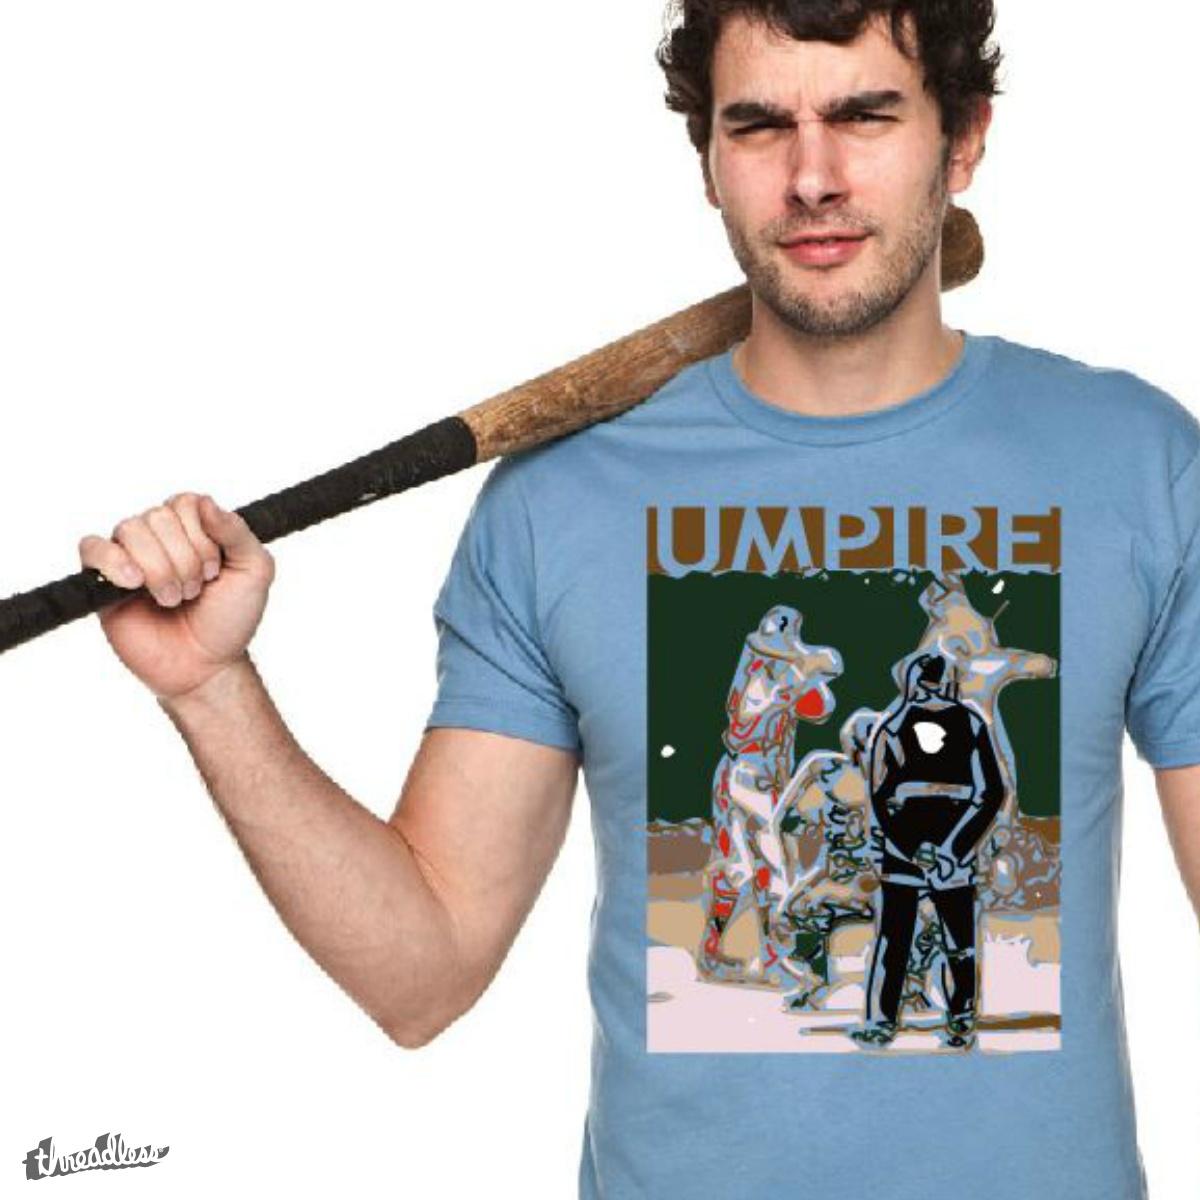 Umpire, a cool t-shirt design